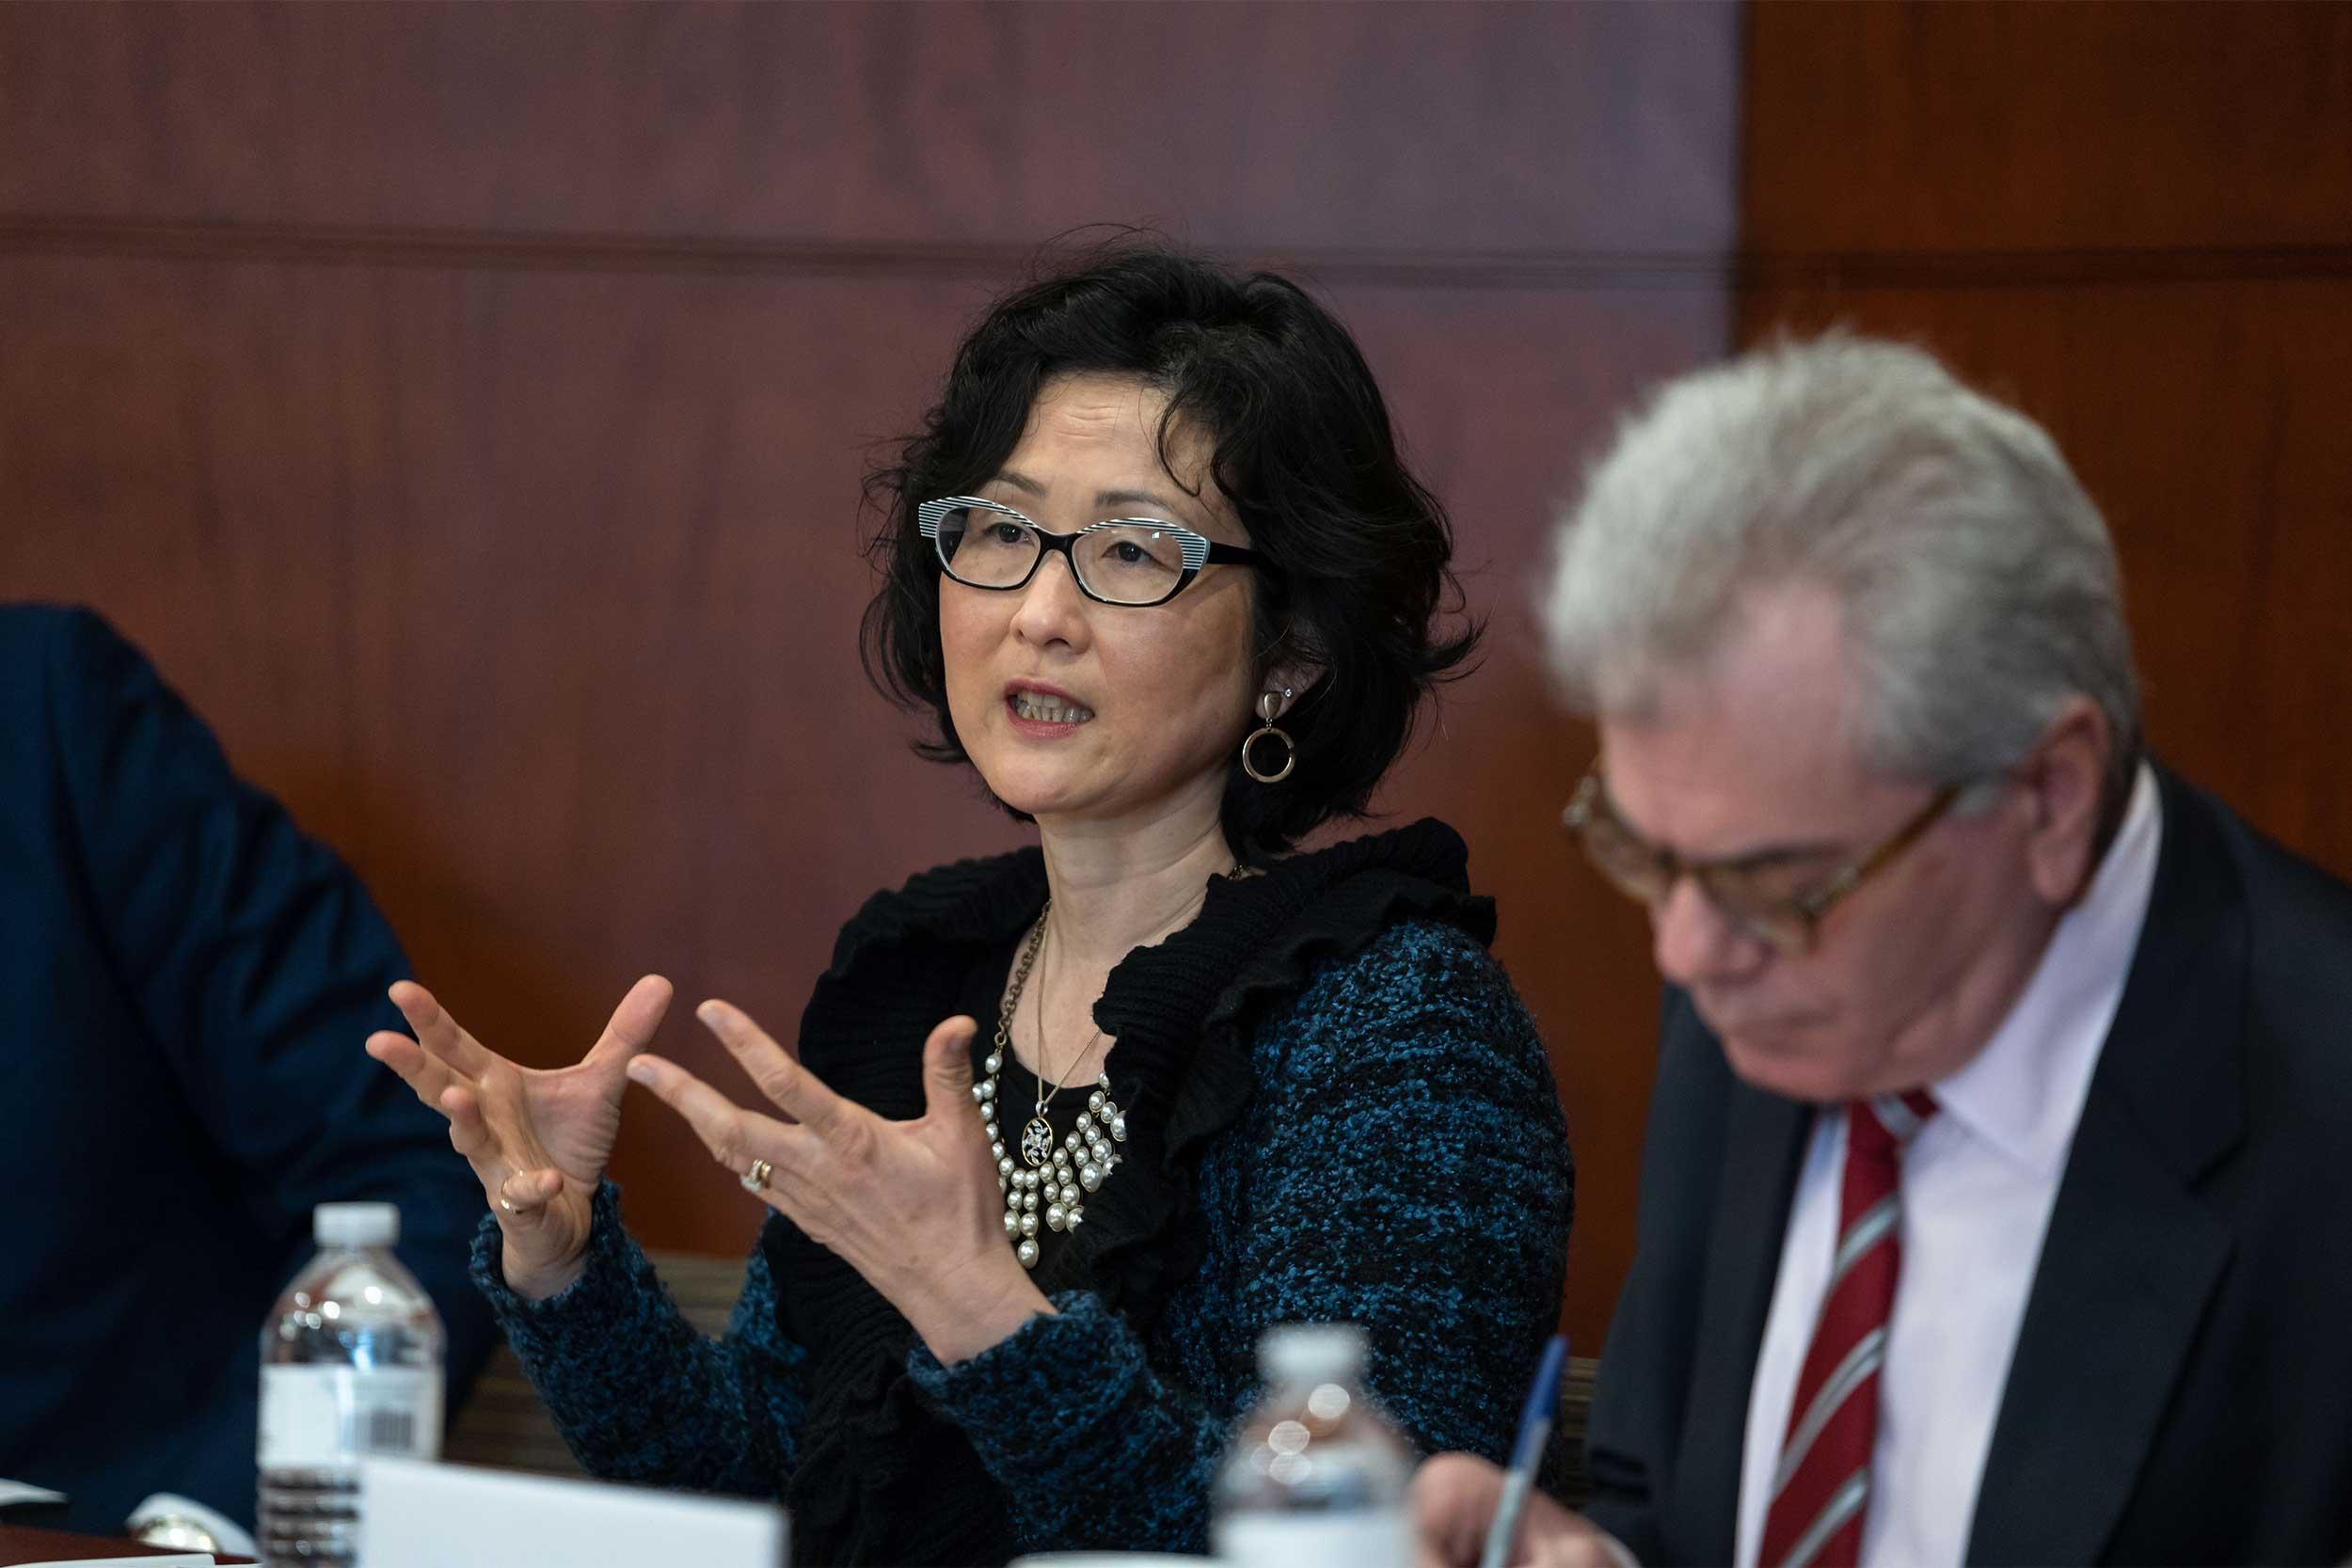 Katharine Moon speaking on a panel